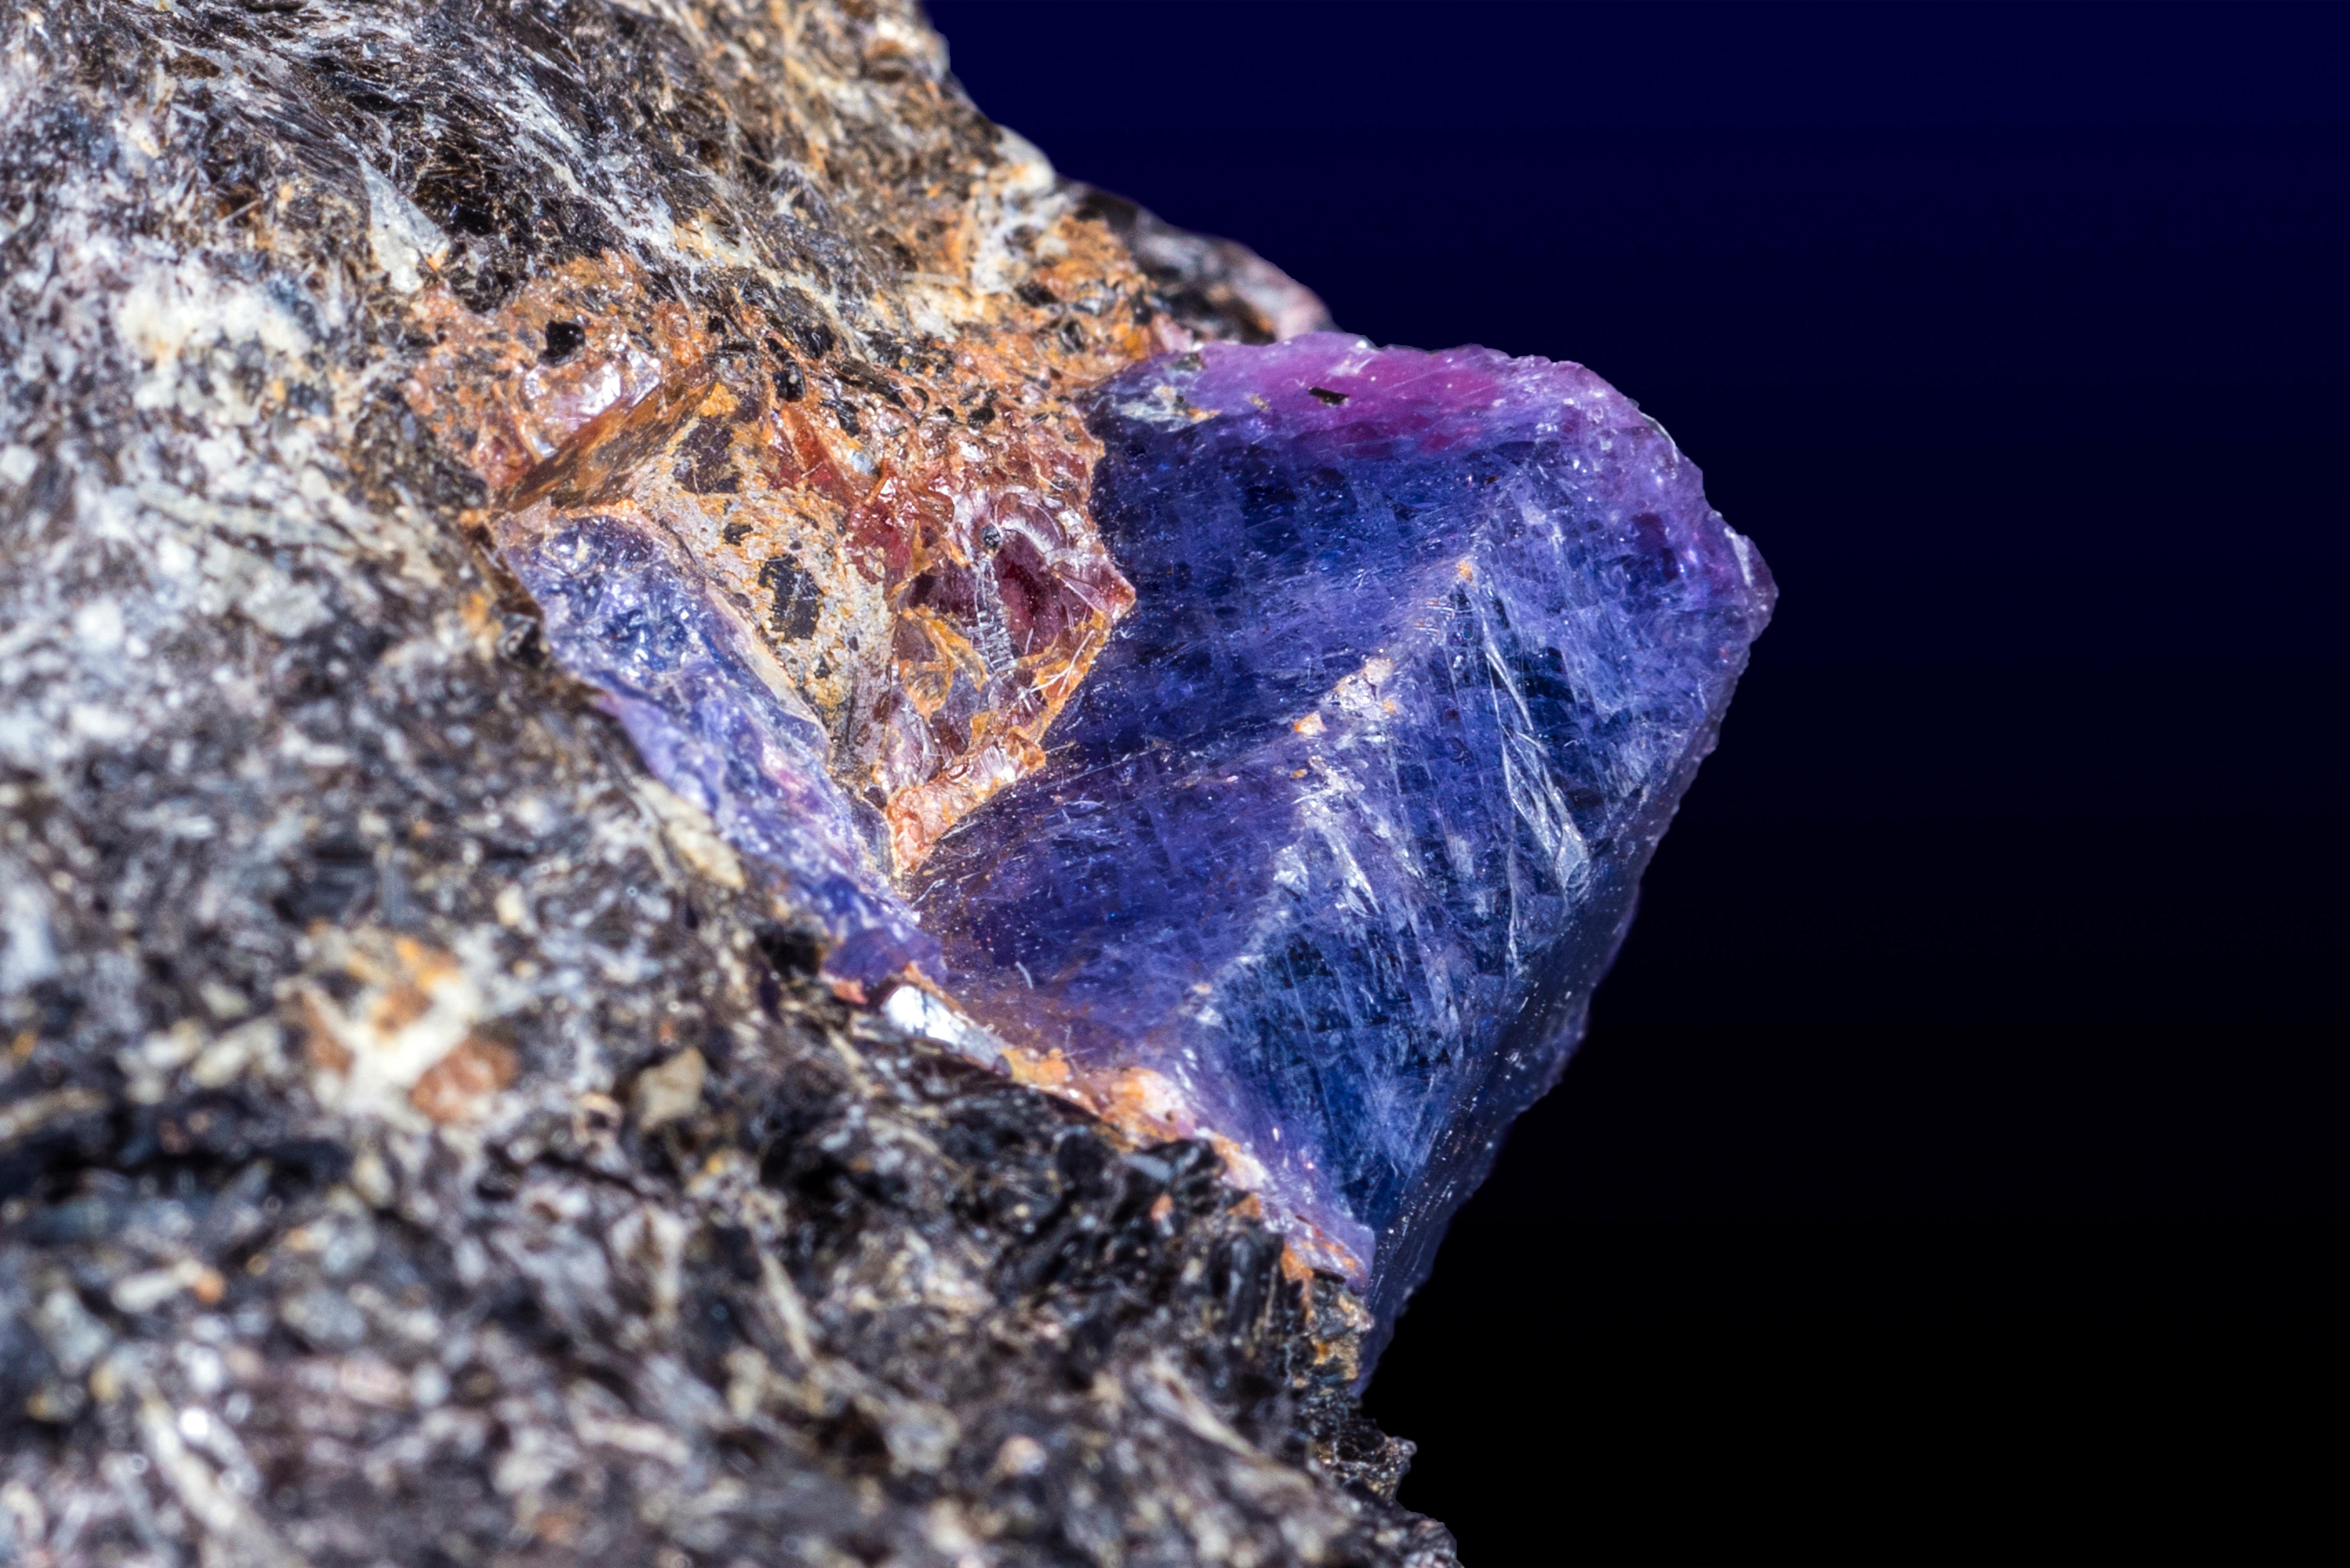 Comoară de 100 de milioane de dolari descoperită în timp ce săpau o fântână. FOTO